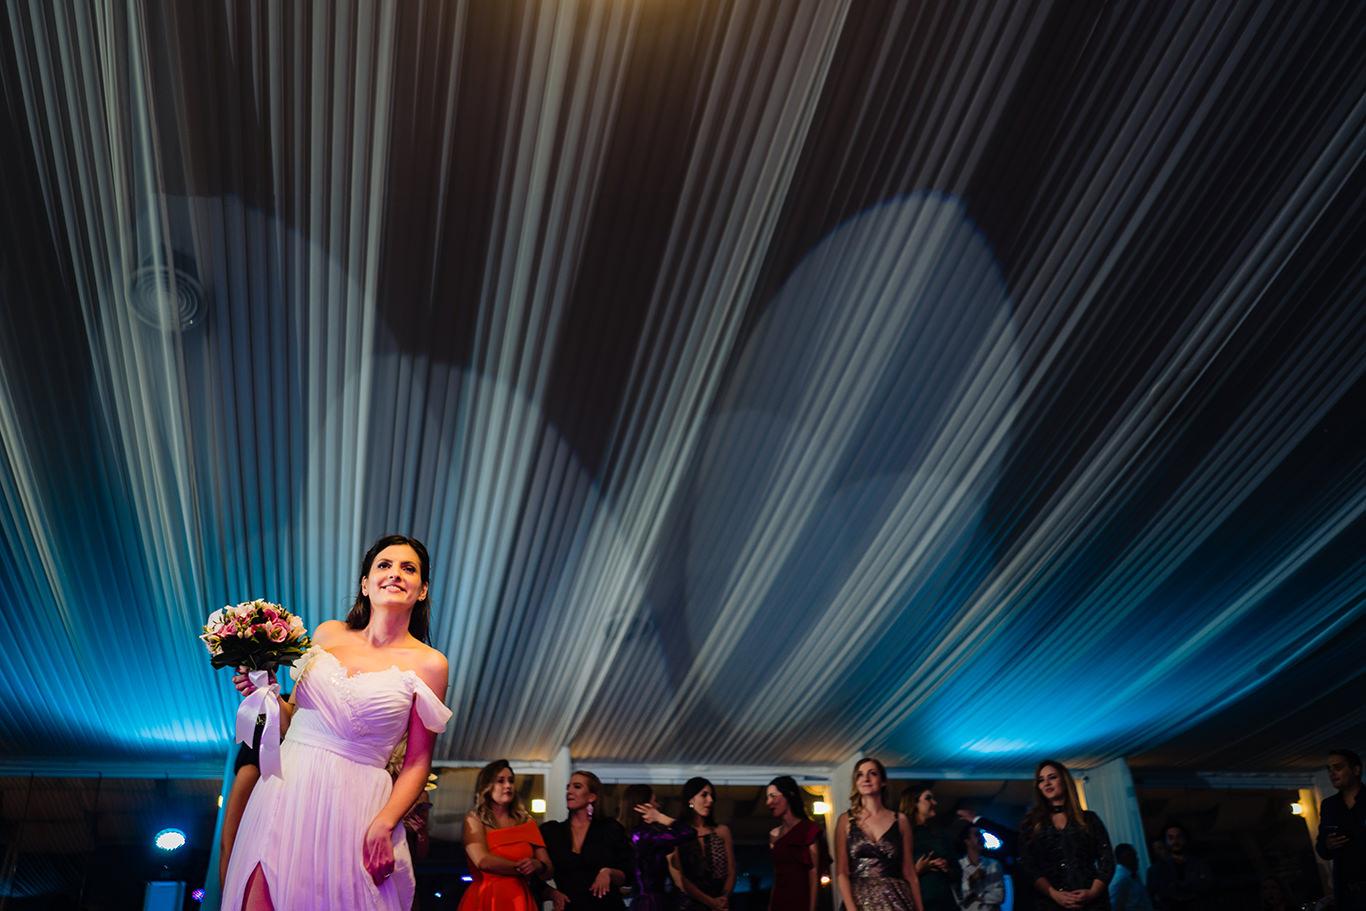 Se arunca buchetul la Vivolis Events - fotograf Ciprian Dumitrescu